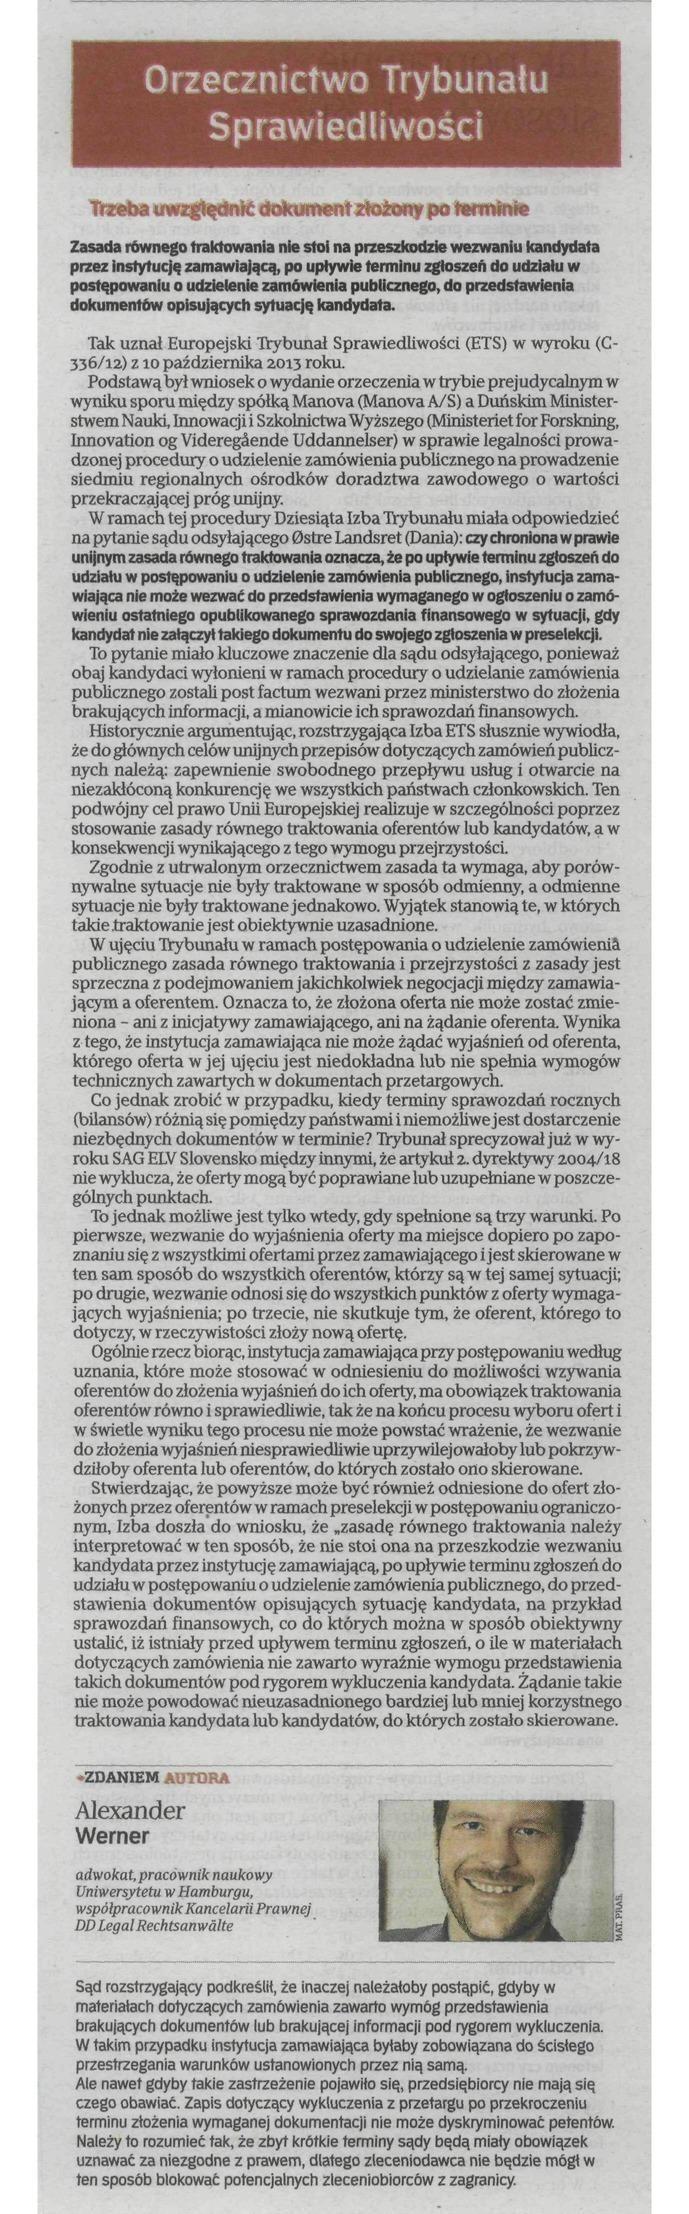 Kancelaria DD Legal z Hamburga, #Rzeczpospolita 04.02.2014 #DDLegal #przetargi #UE #prawo #orzeczenie